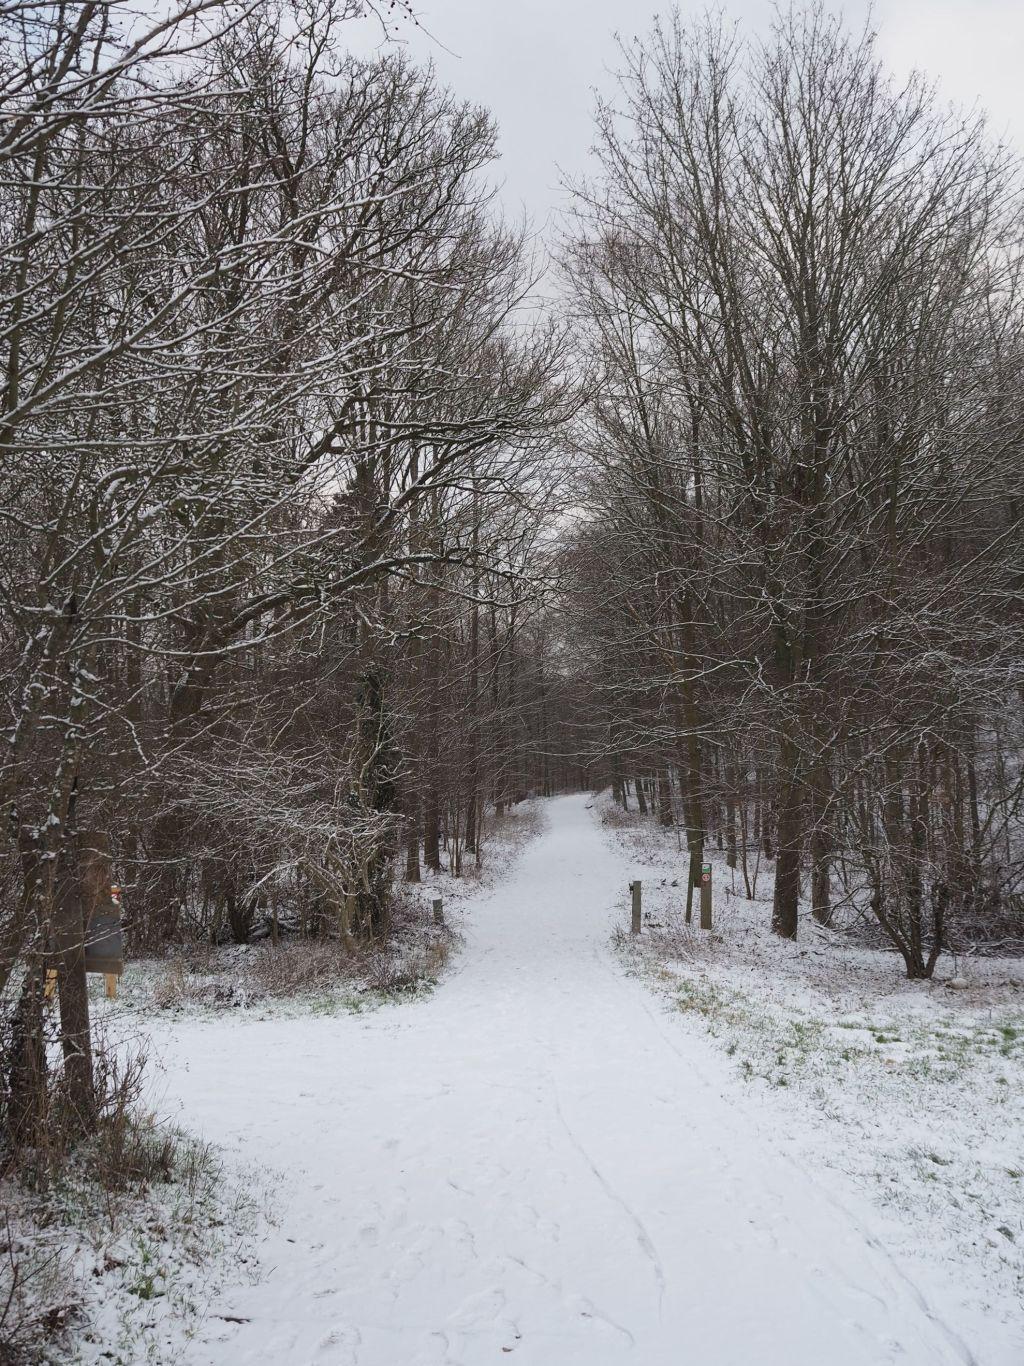 Weg ins winterliche Prinzenholz